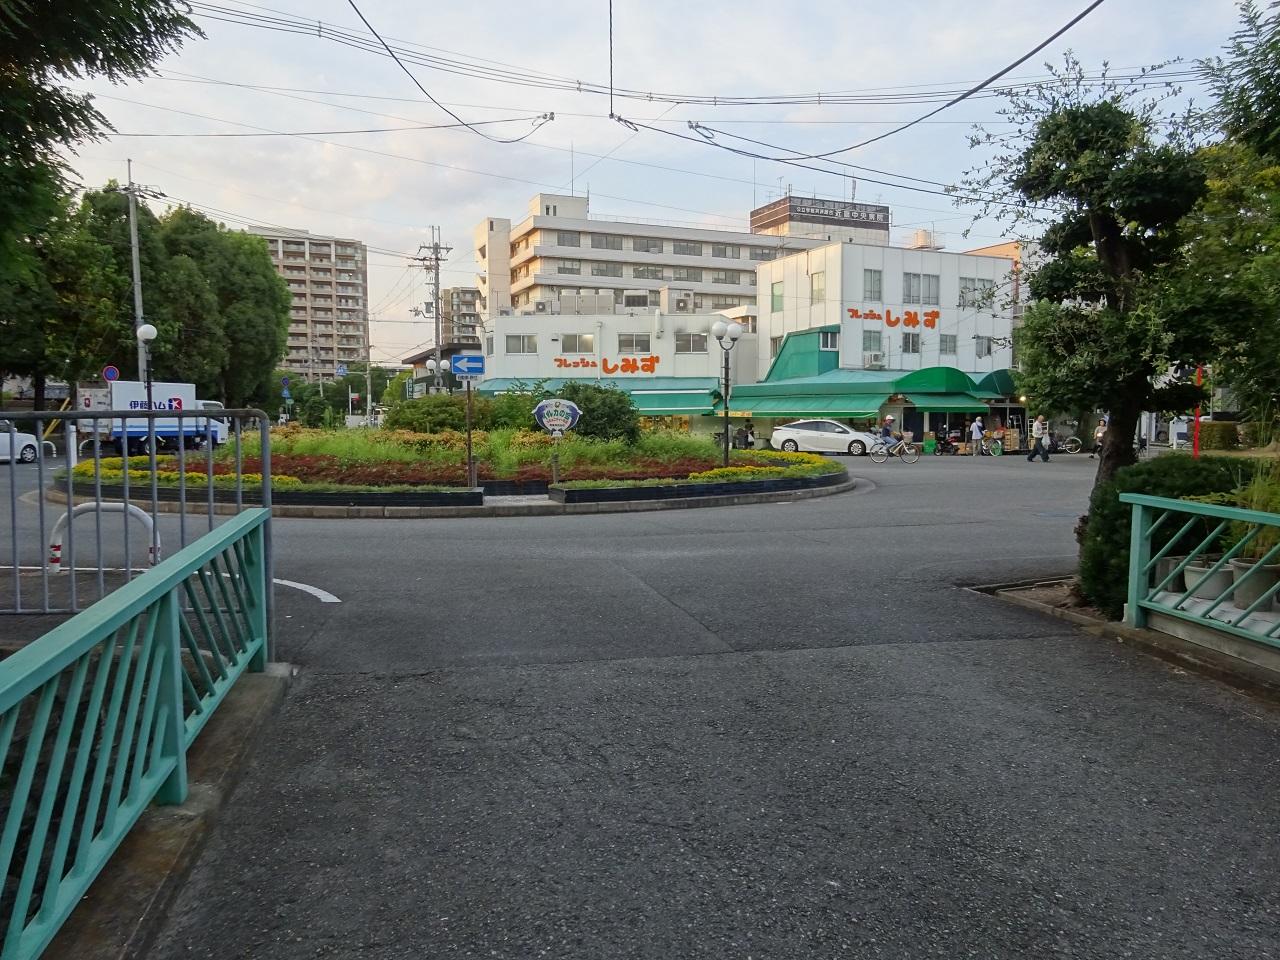 南から進入する道路から見た円形交差点